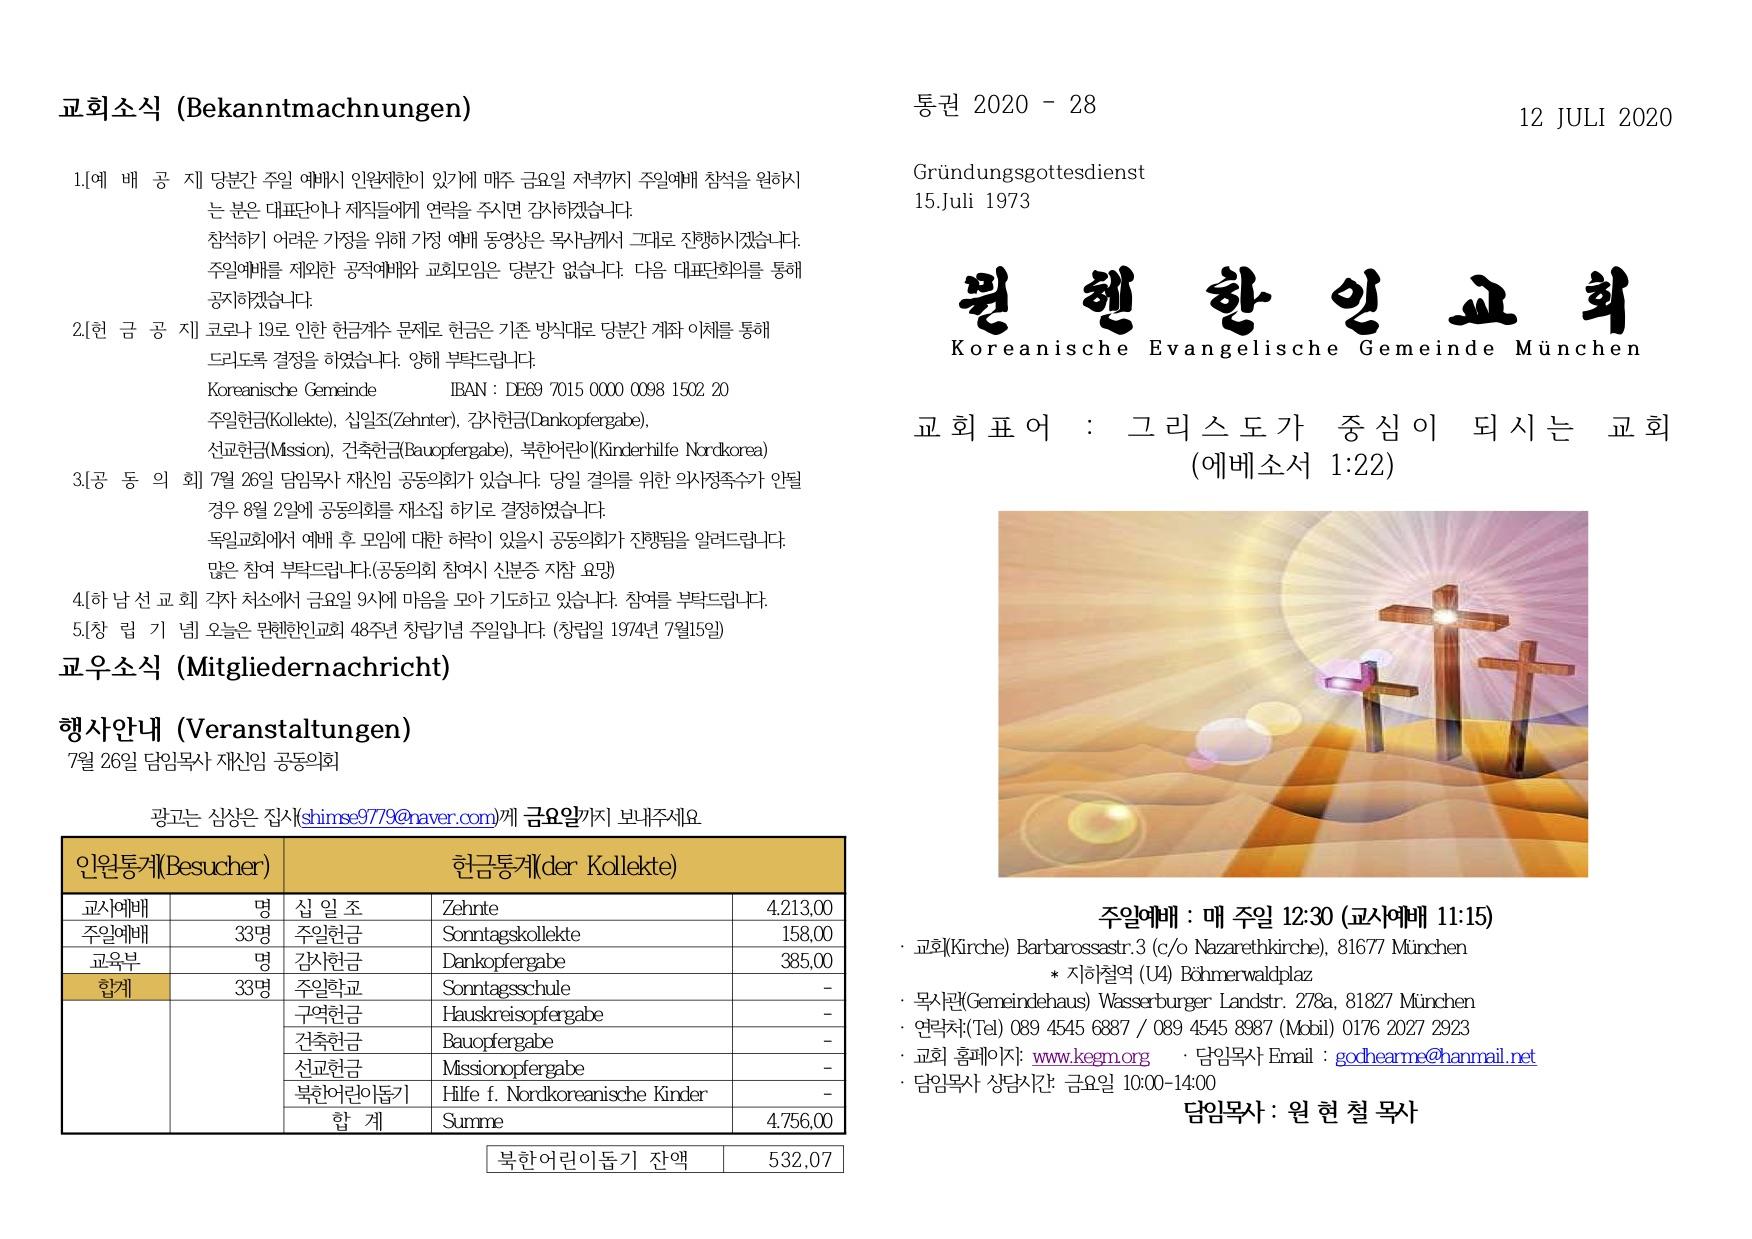 20200712_bulletin_1.jpg